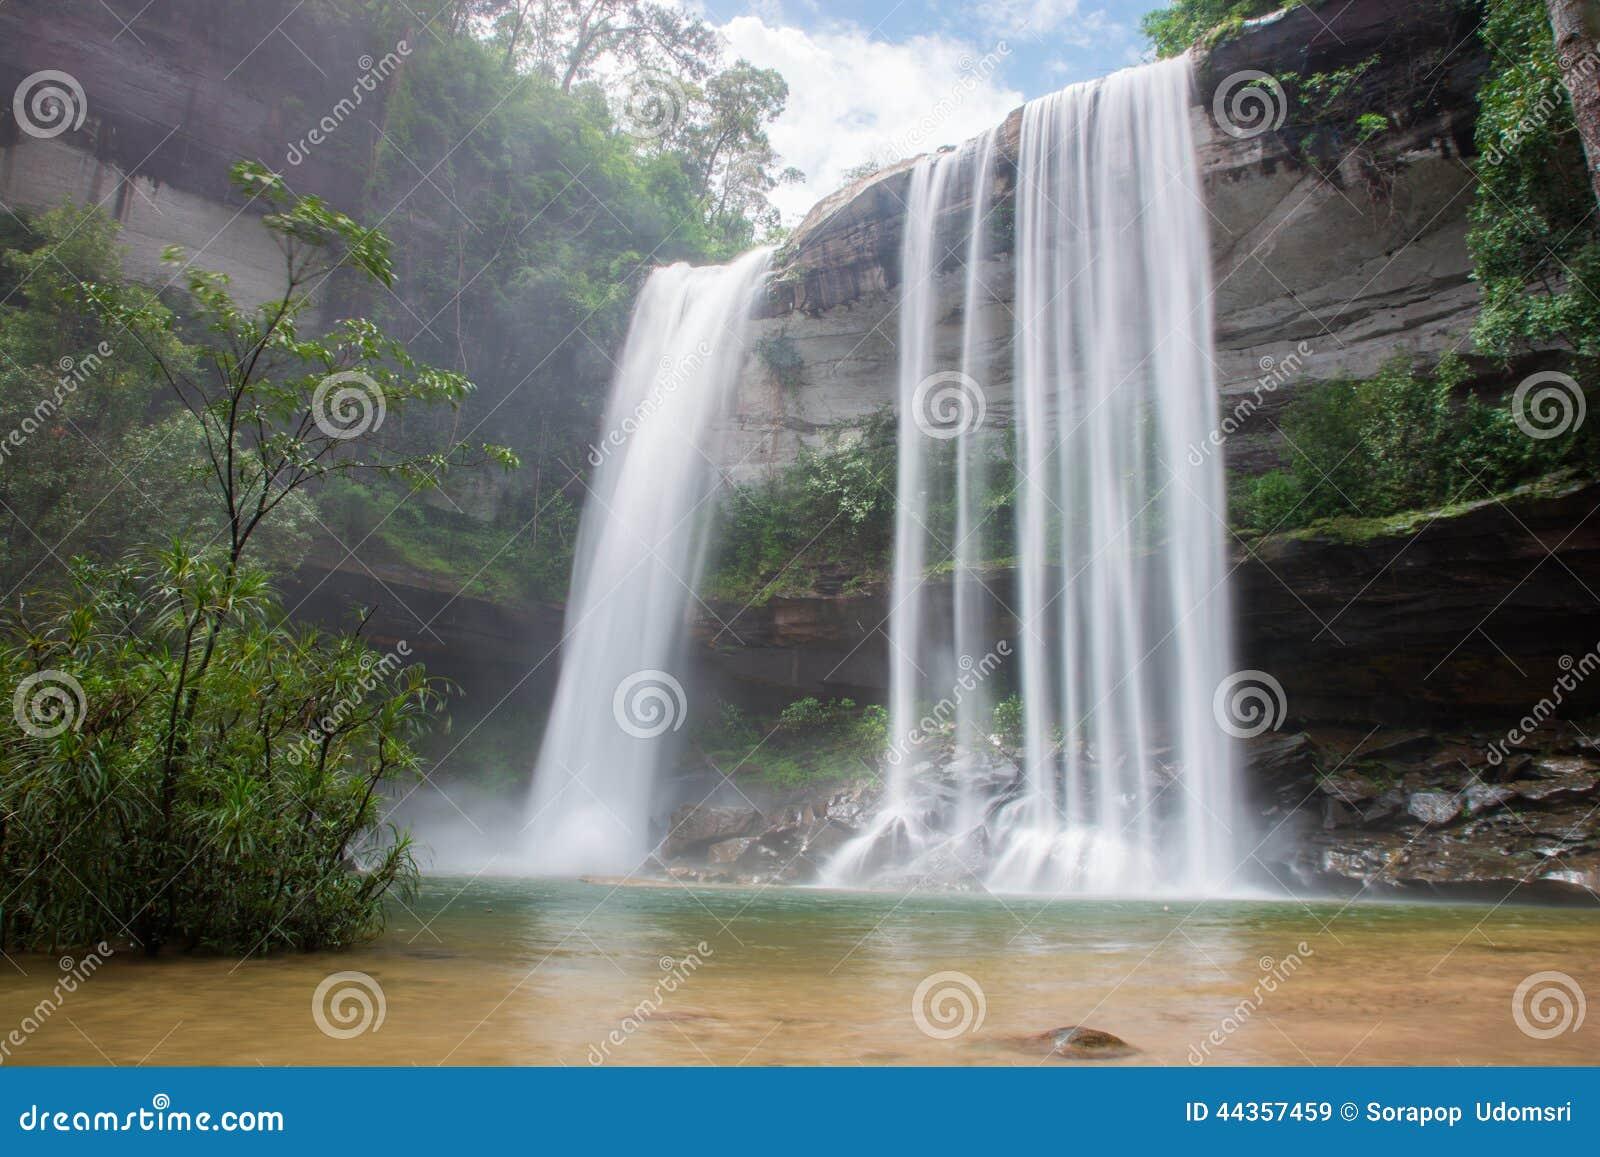 瀑布美丽在狂放的自然